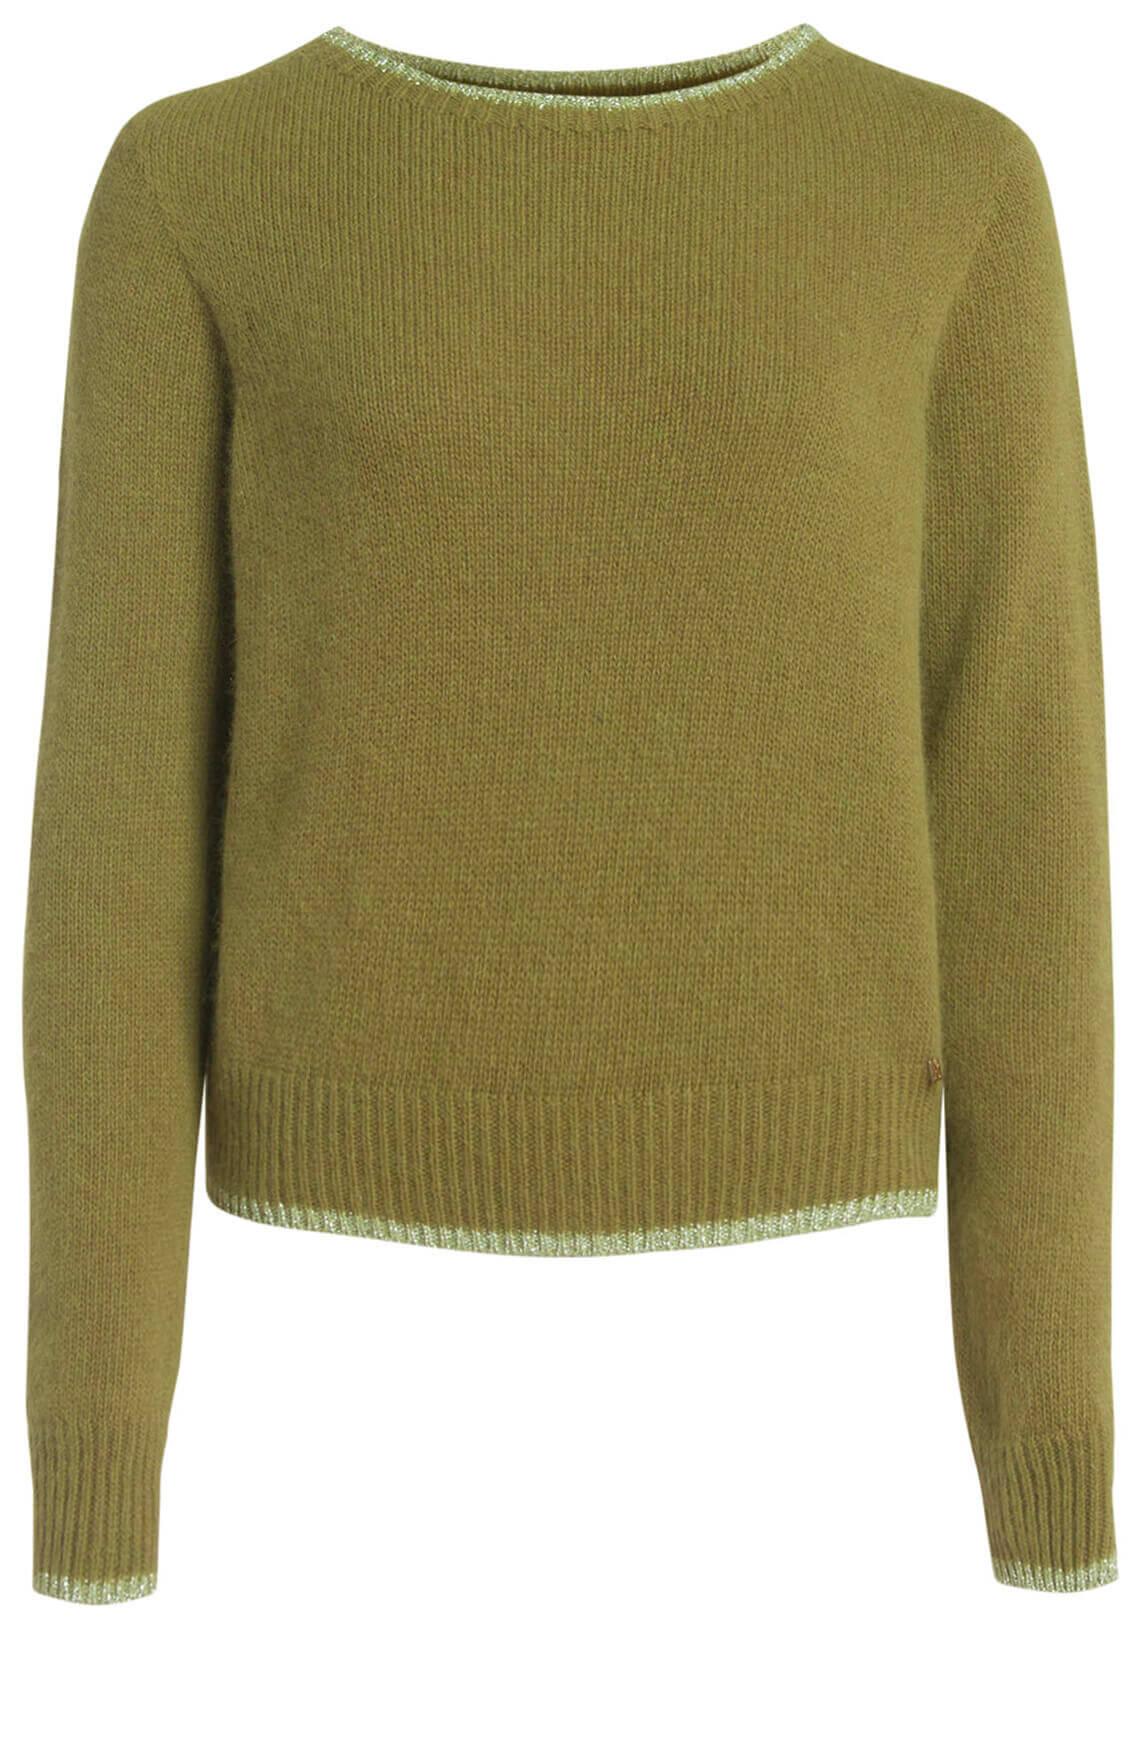 Kocca Dames Quiet pullover groen